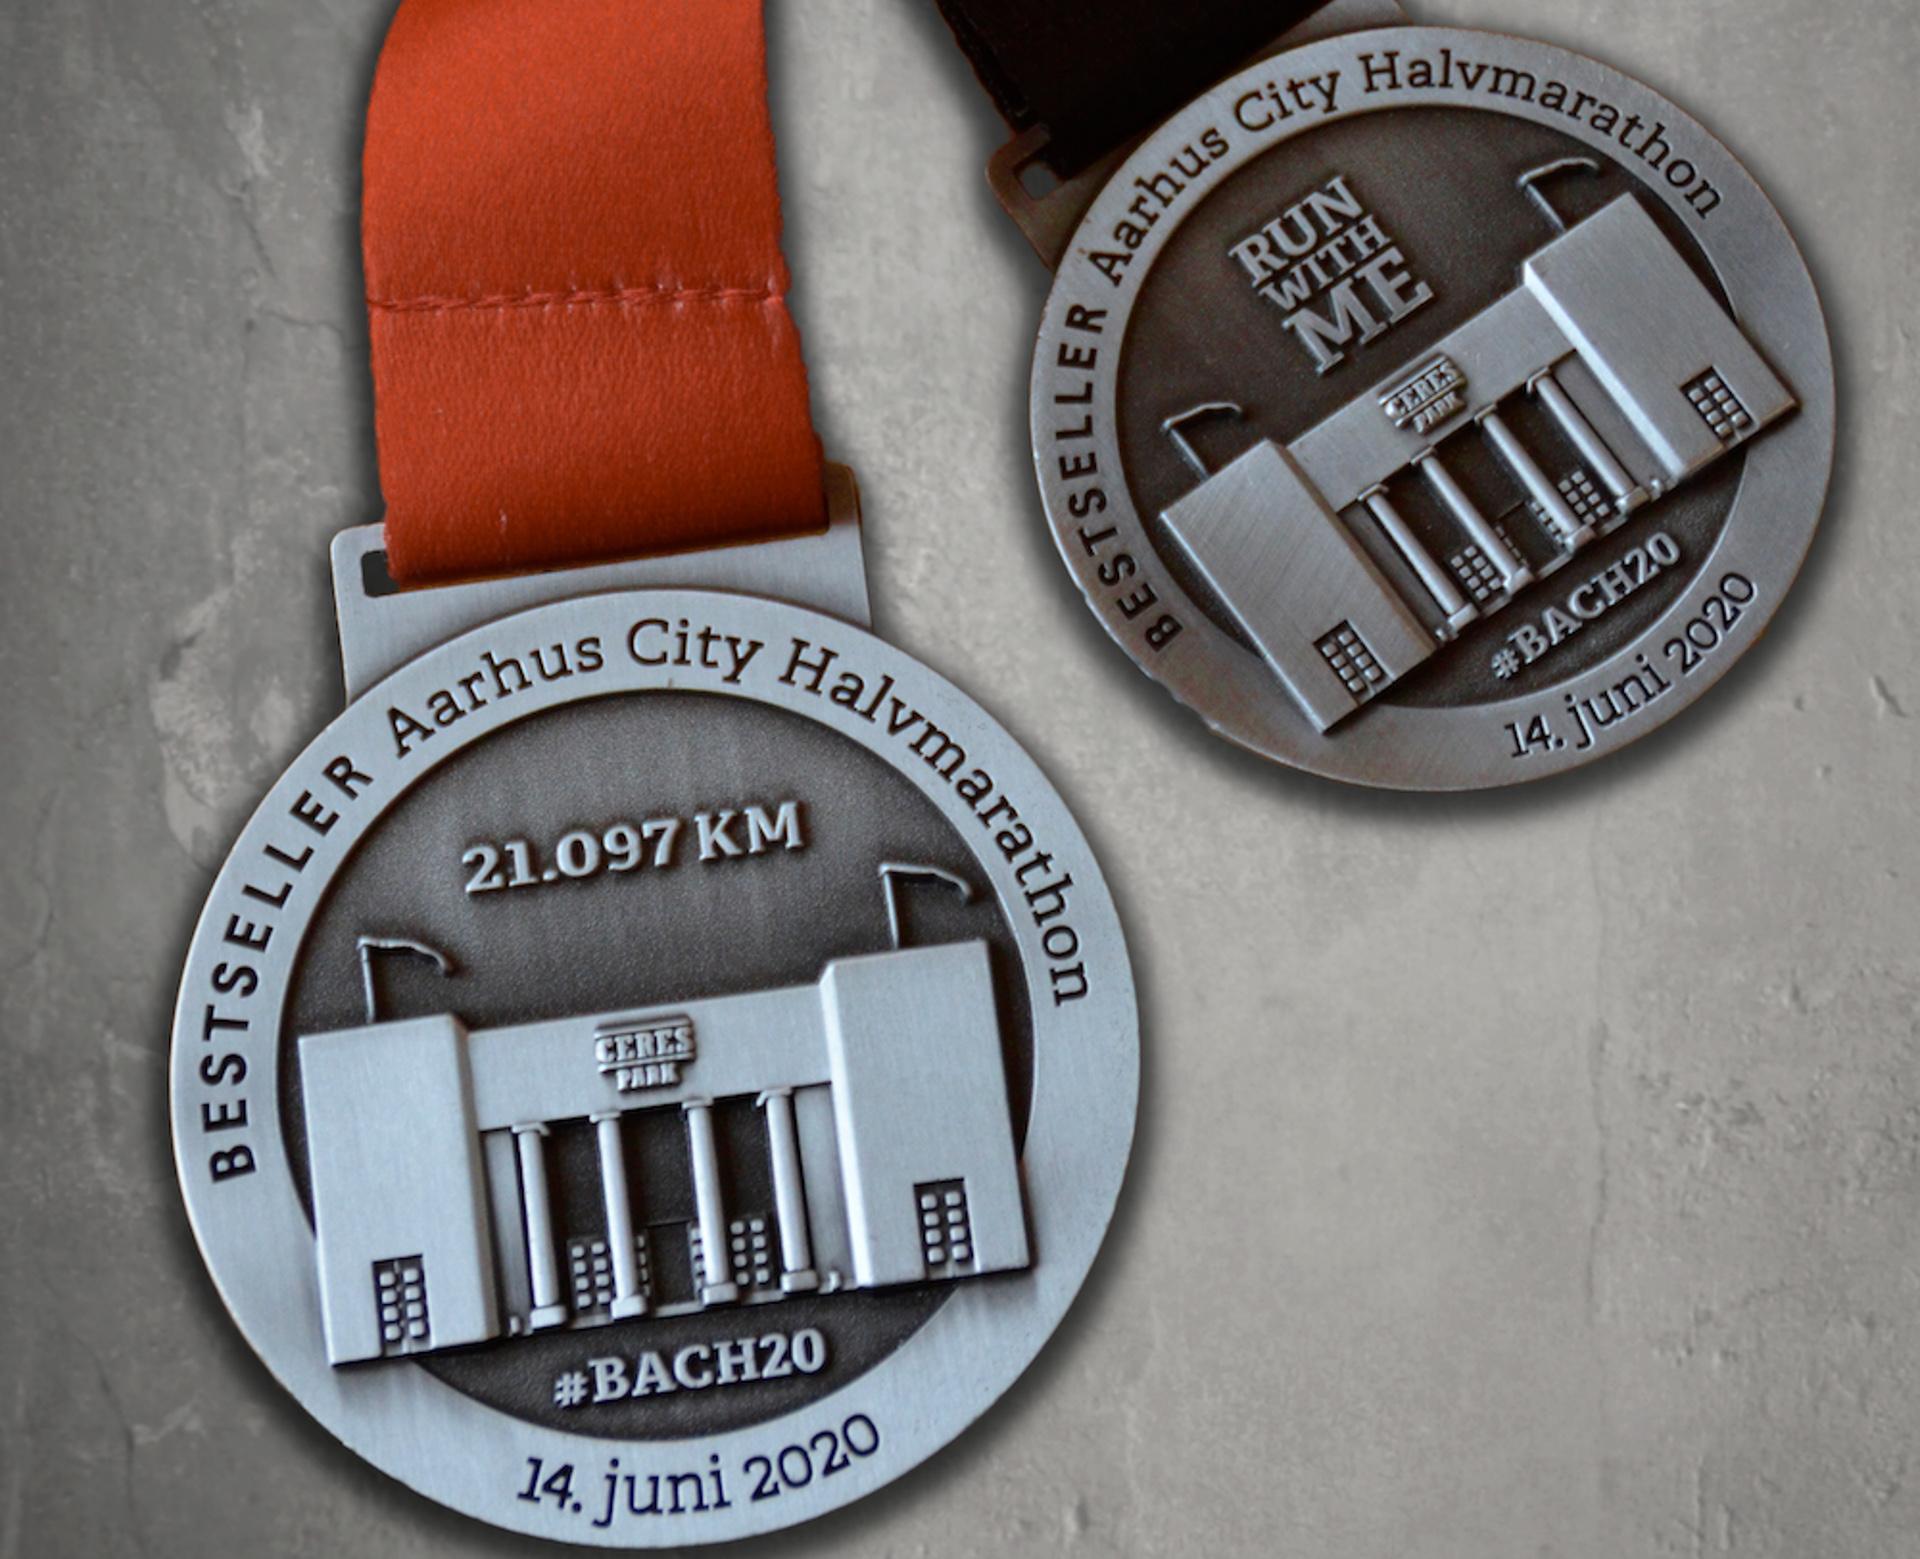 AGF og Ceres Park slår dørene op for halvmarathon